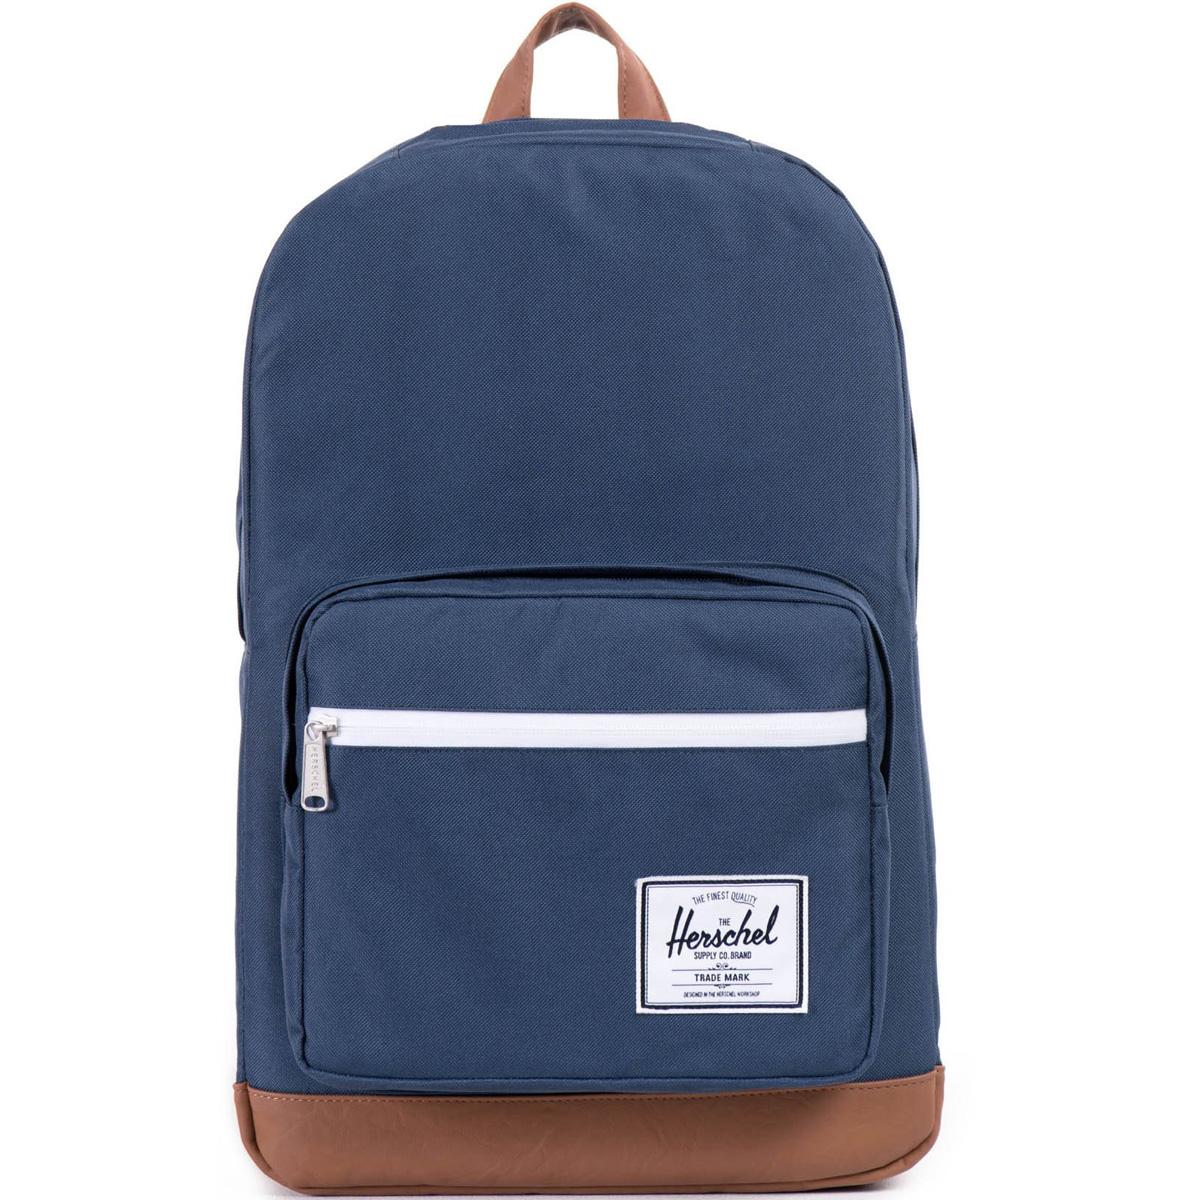 Рюкзак городской Herschel Pop Quiz (A/S), цвет: синий, светло-коричневый. 82843200566695940-905Рюкзак Herschel Pop Quiz ™ универсальный рюкзак для школы и работы с широким спектром карманов и органайзера.